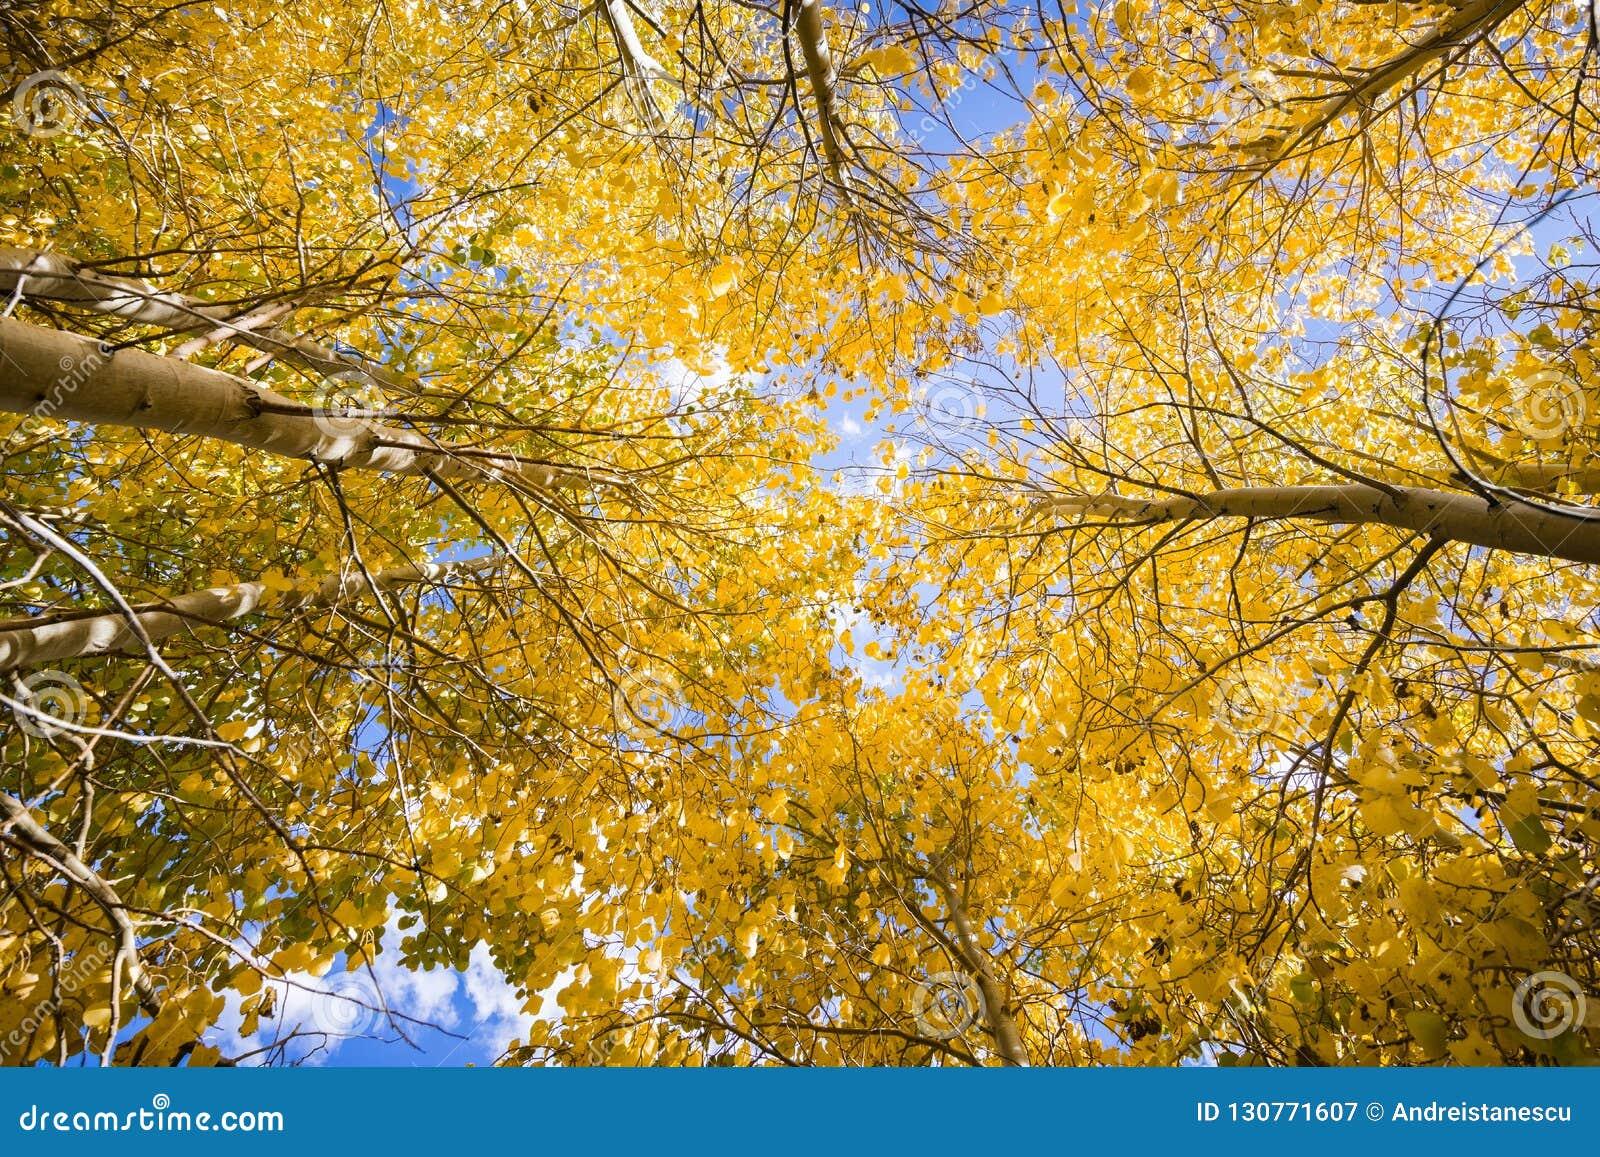 Het kijken omhoog in een bosje van espbomen